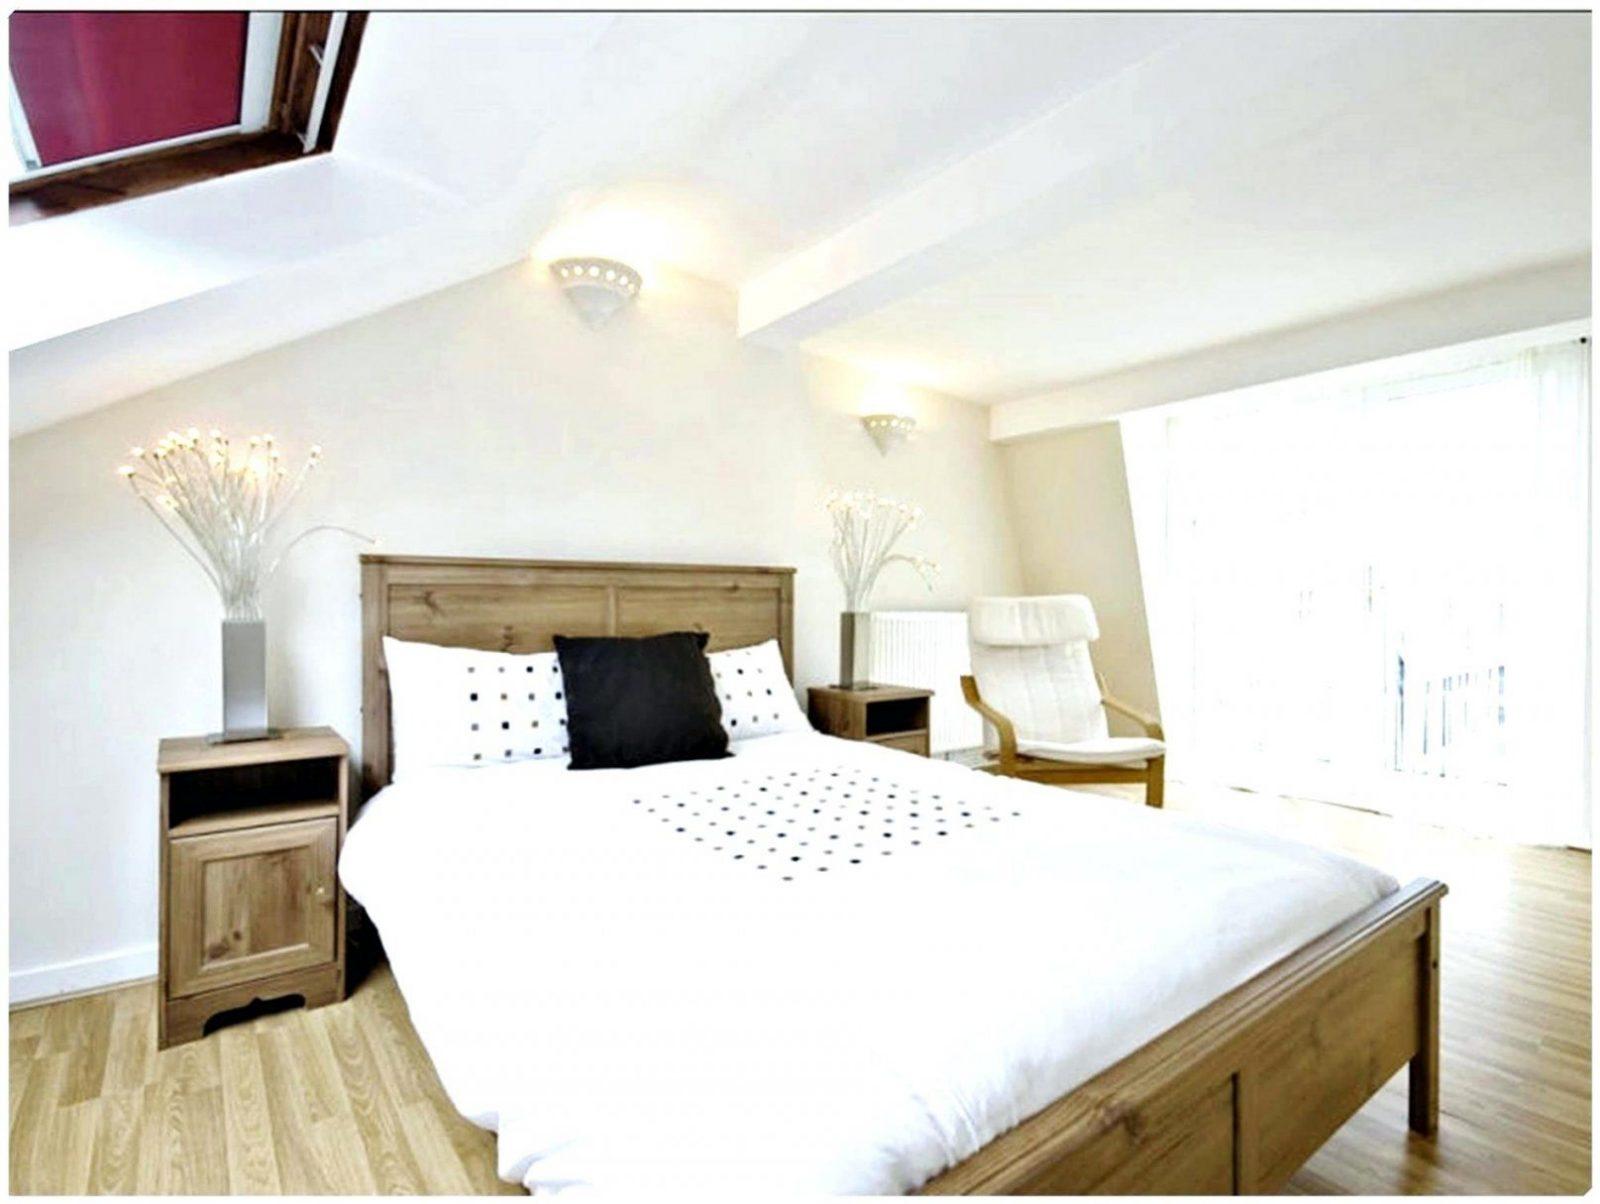 Cool Charmant Schlafzimmer Gemütlich Einrichten Bilder Die Zum von Großes Schlafzimmer Gemütlich Einrichten Photo